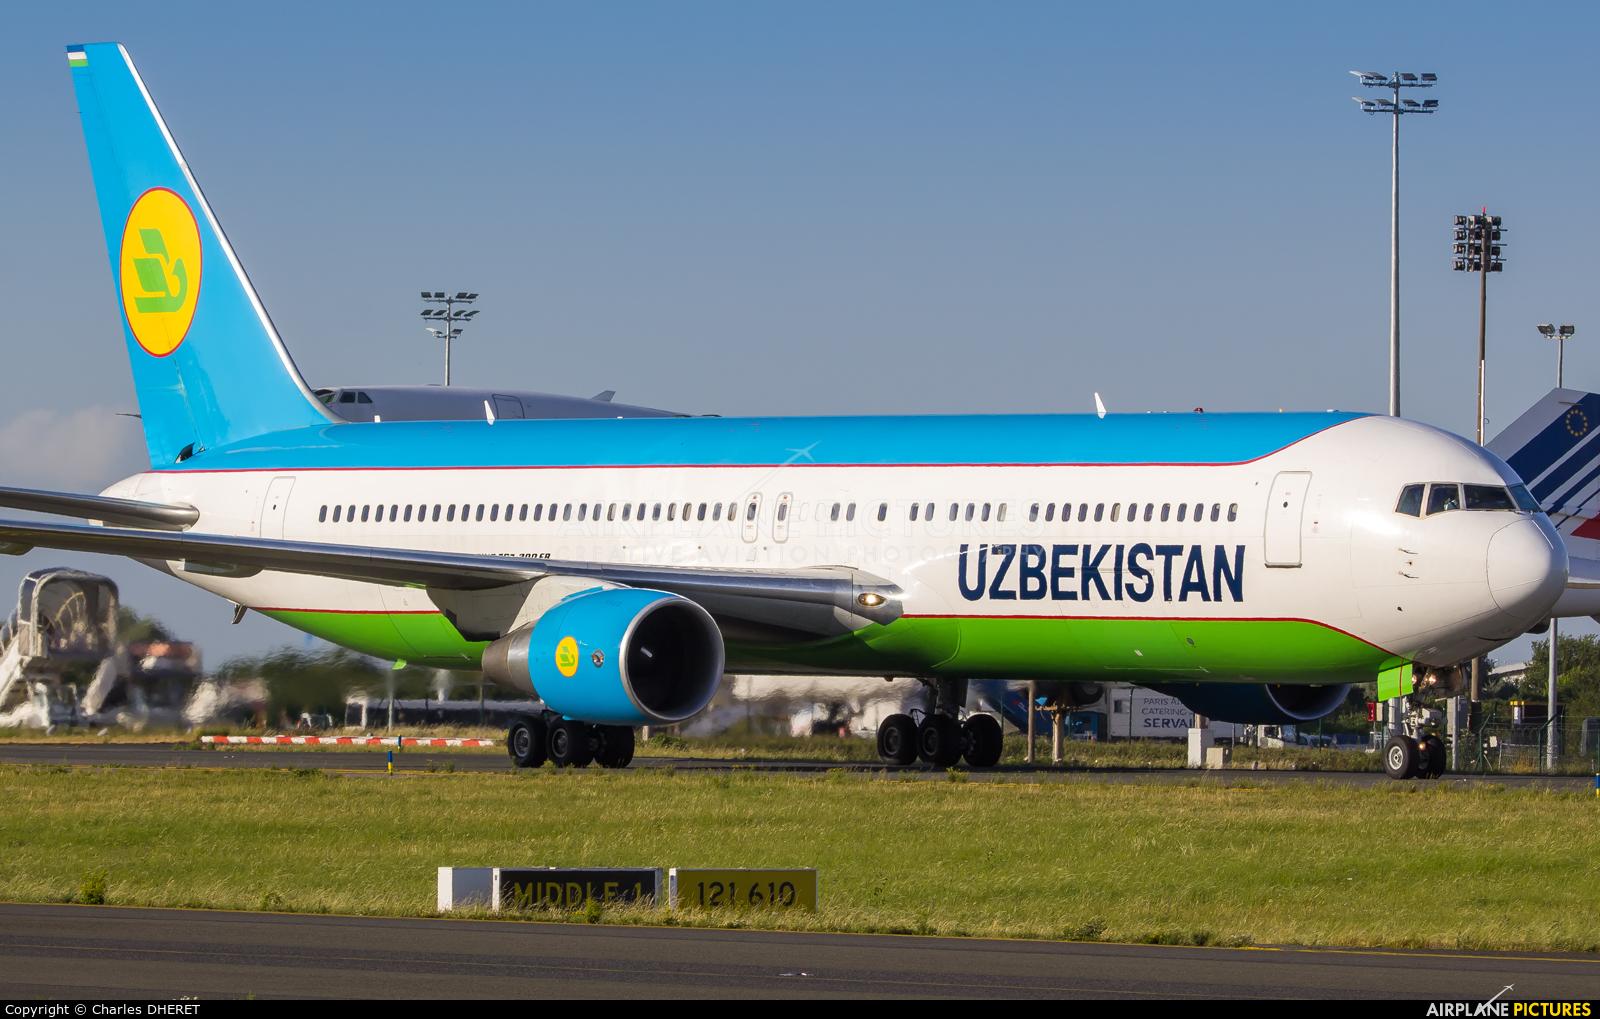 Uzbekistan Airways UK67004 aircraft at Paris - Charles de Gaulle